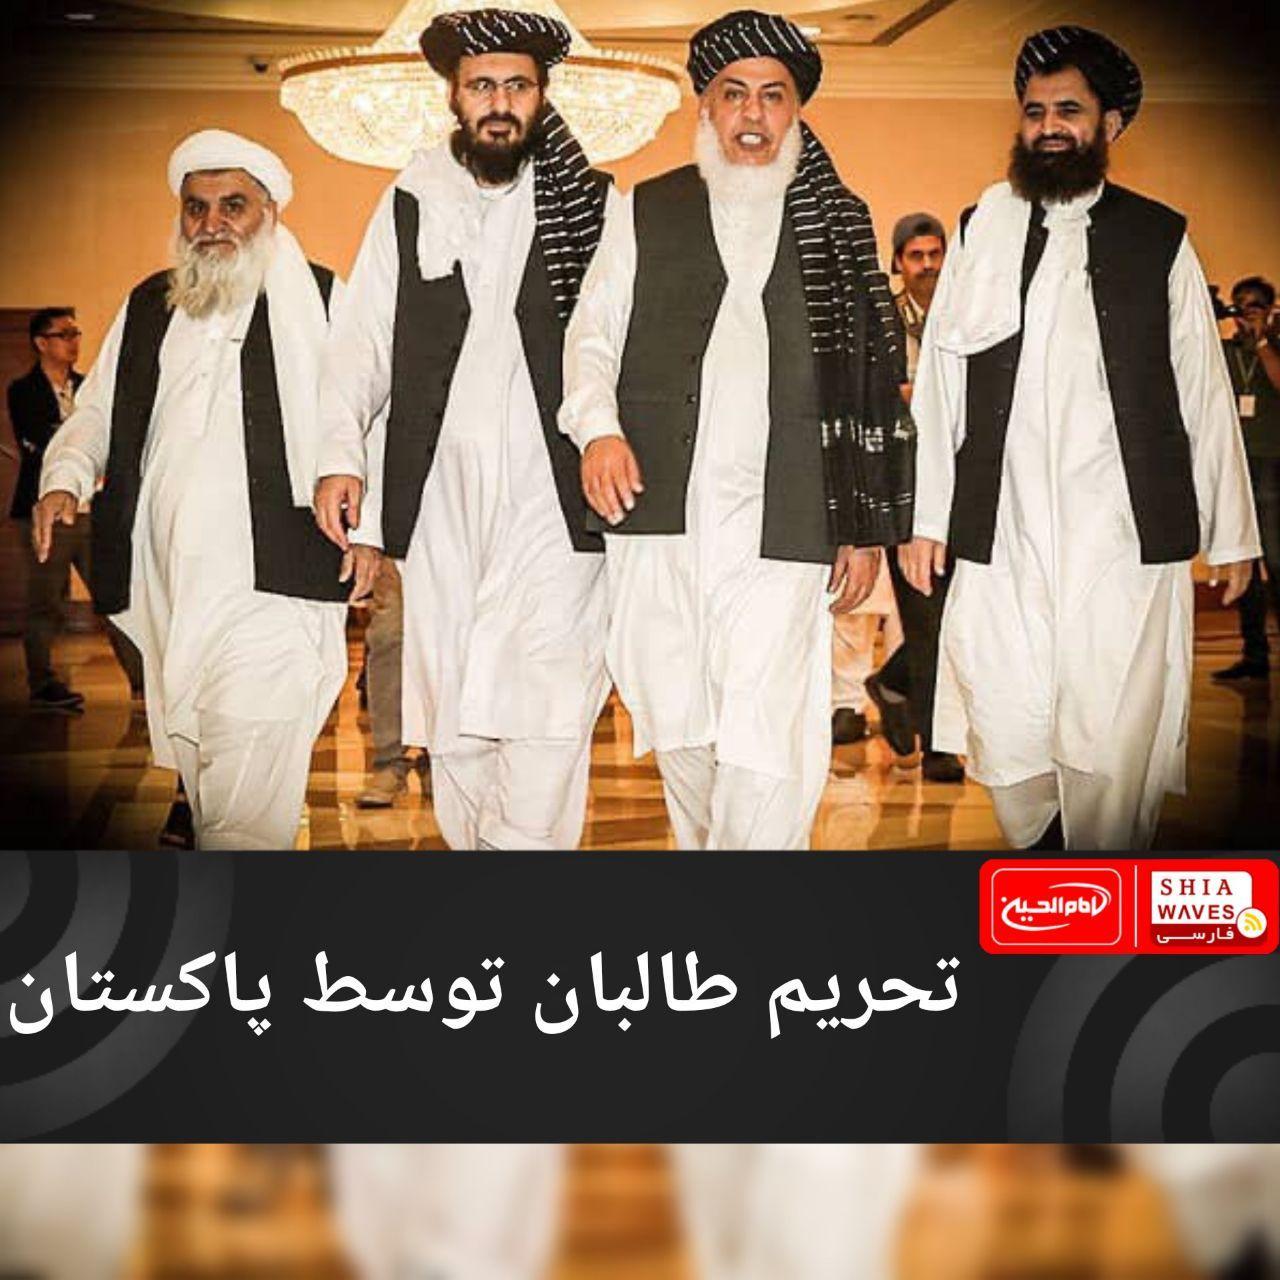 تصویر تحریم طالبان توسط پاکستان